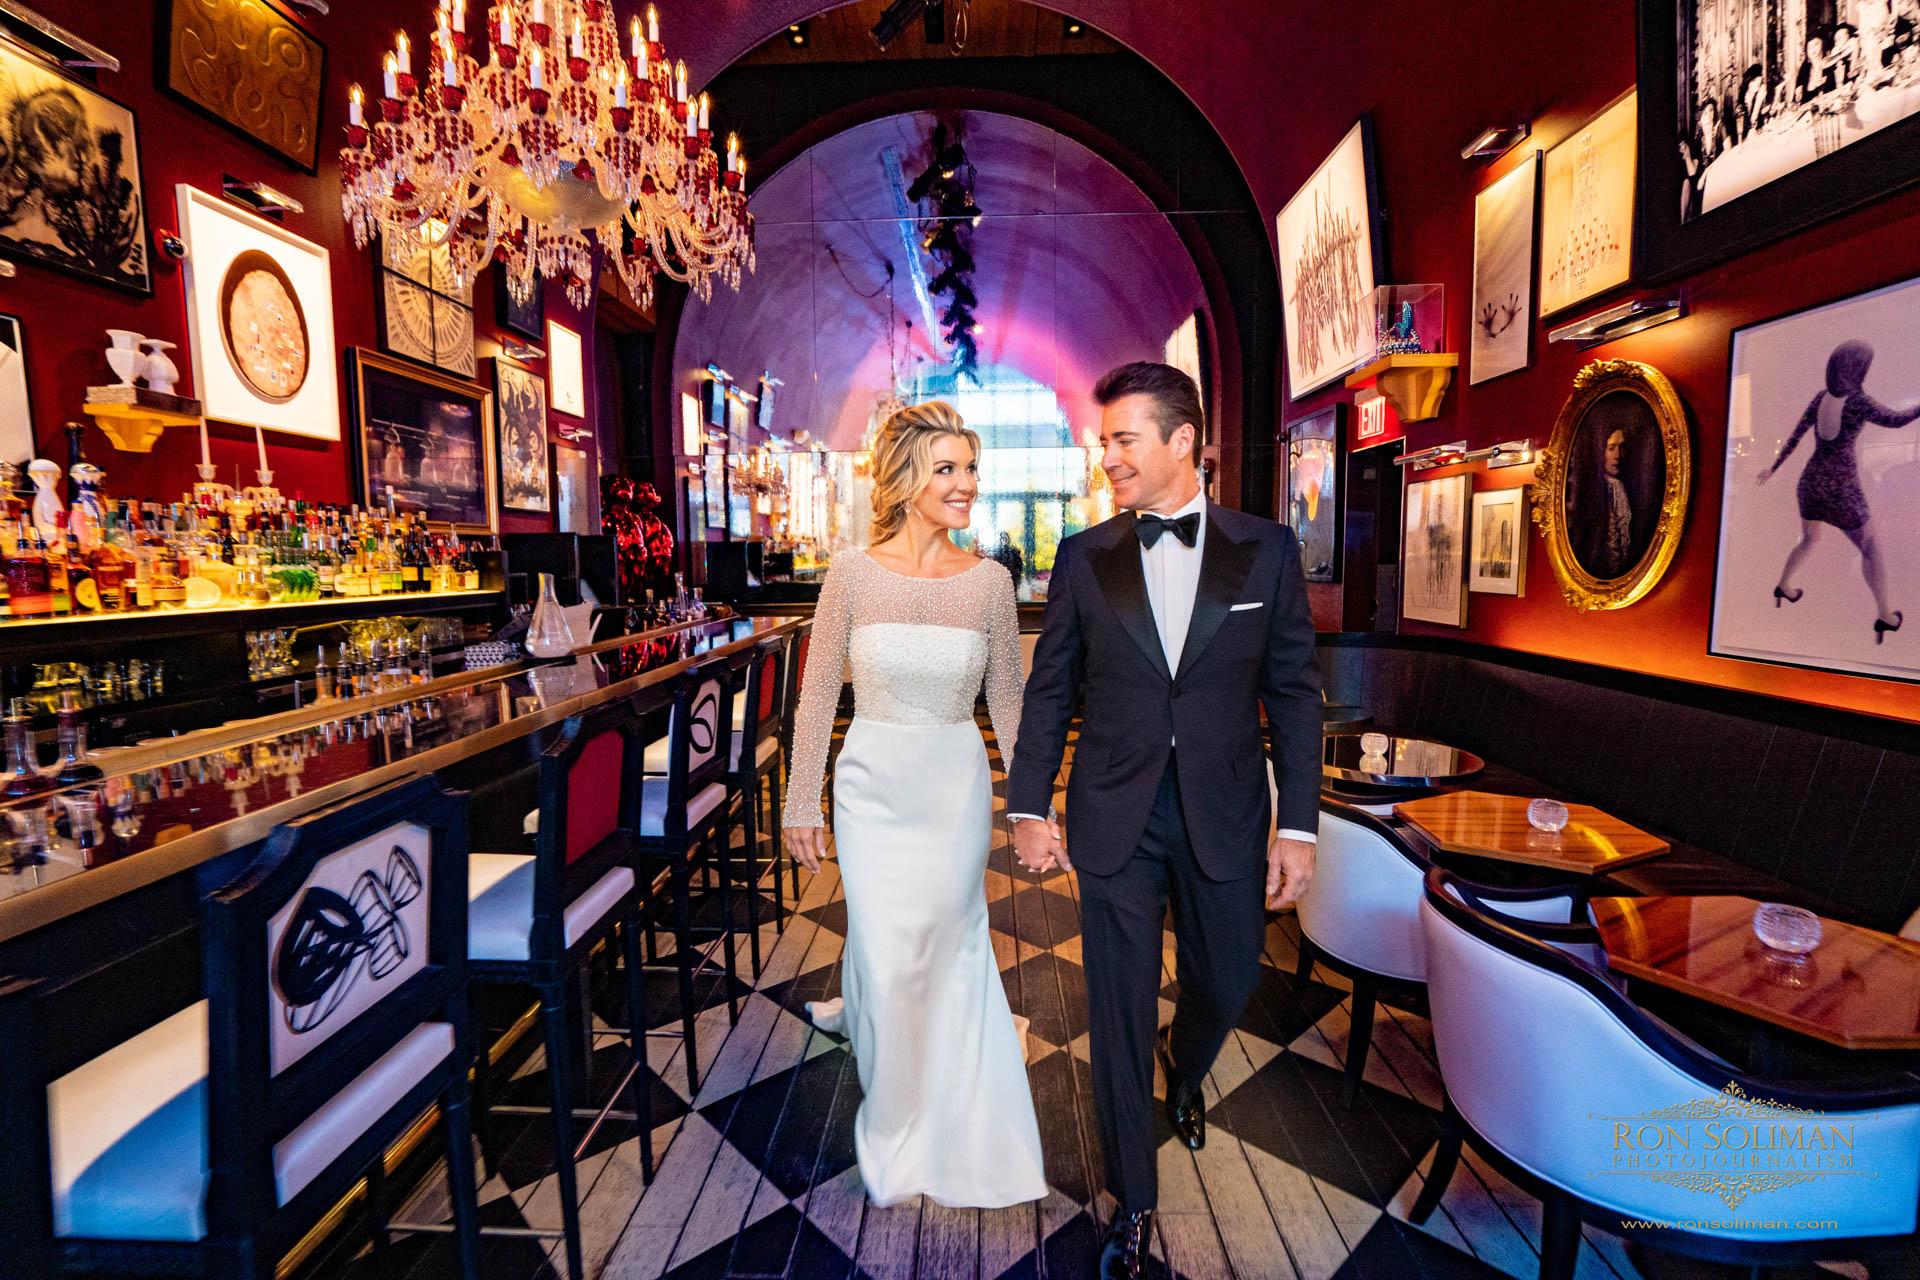 RAINBOW ROOM WEDDING BD 26